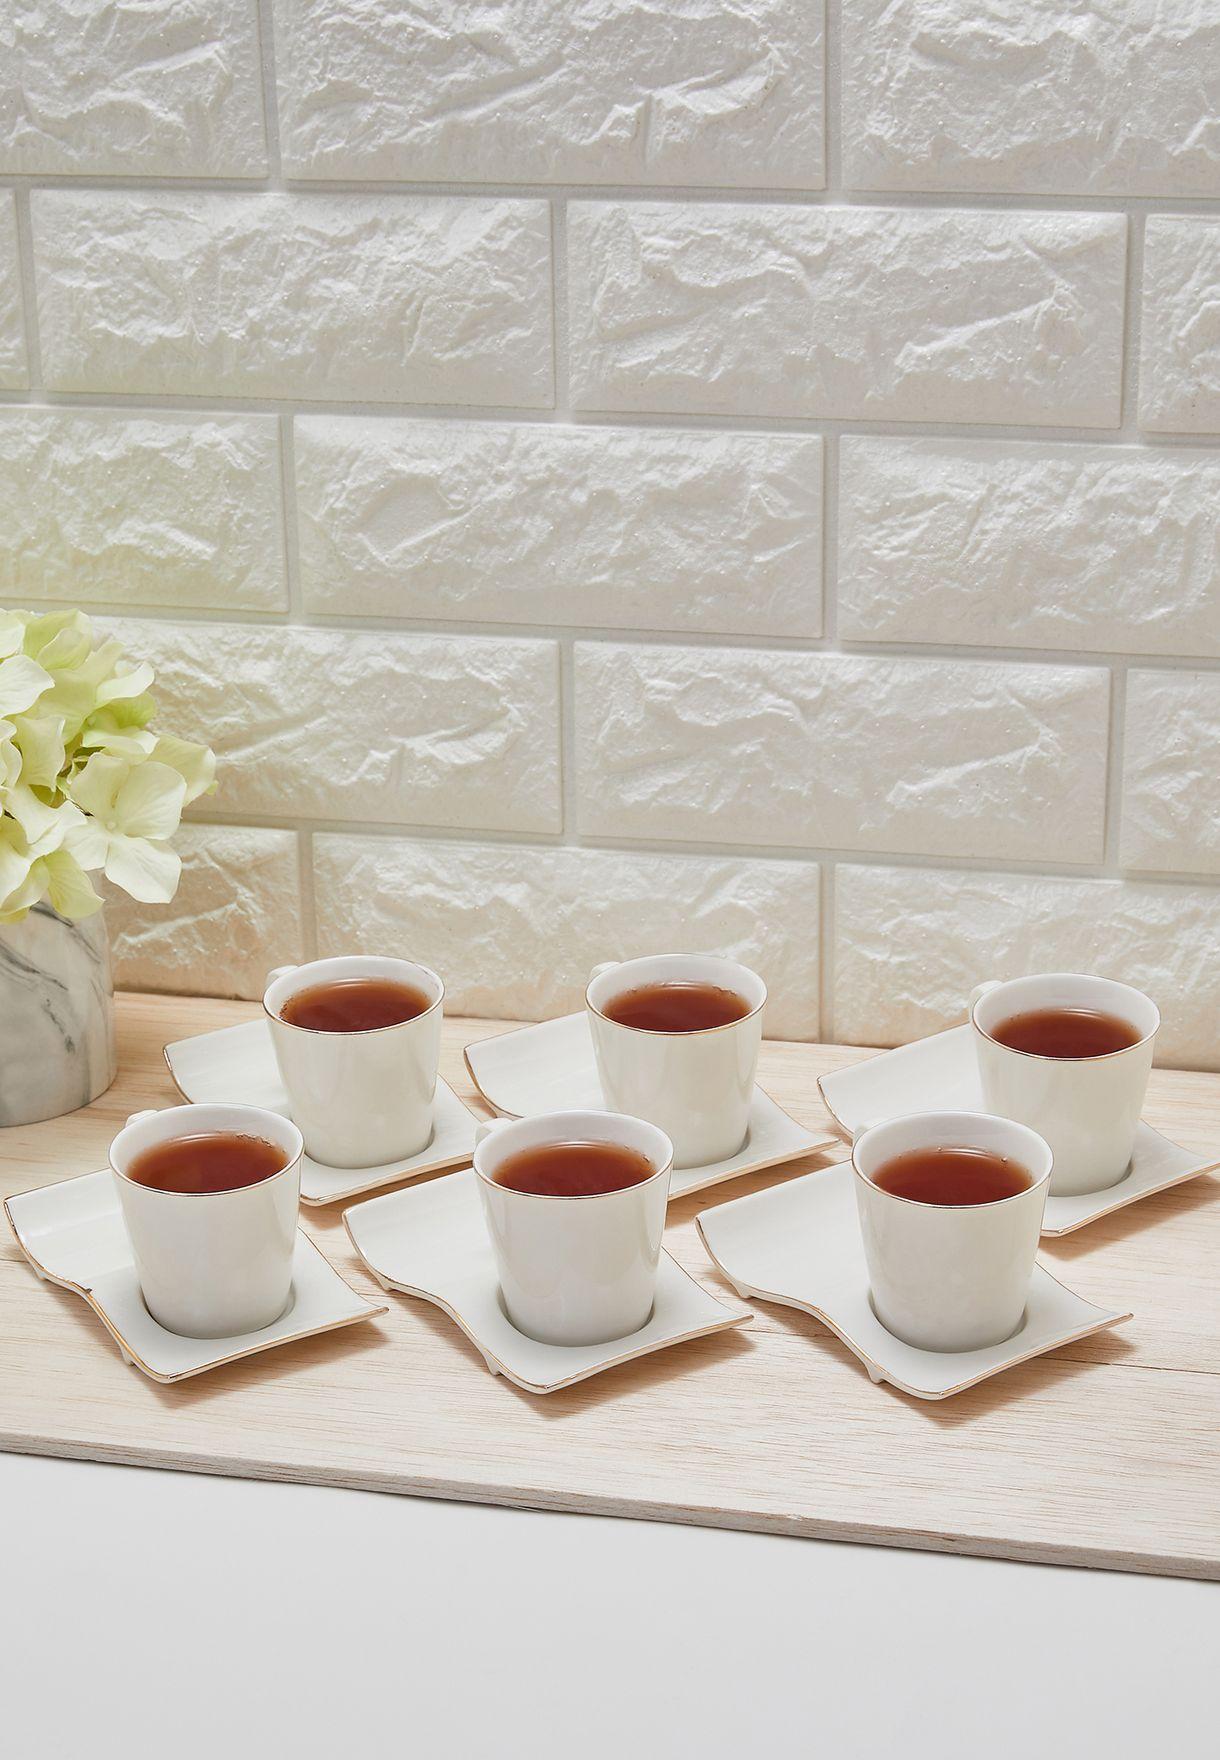 طقم من 6 صحون وفناجين للشاي